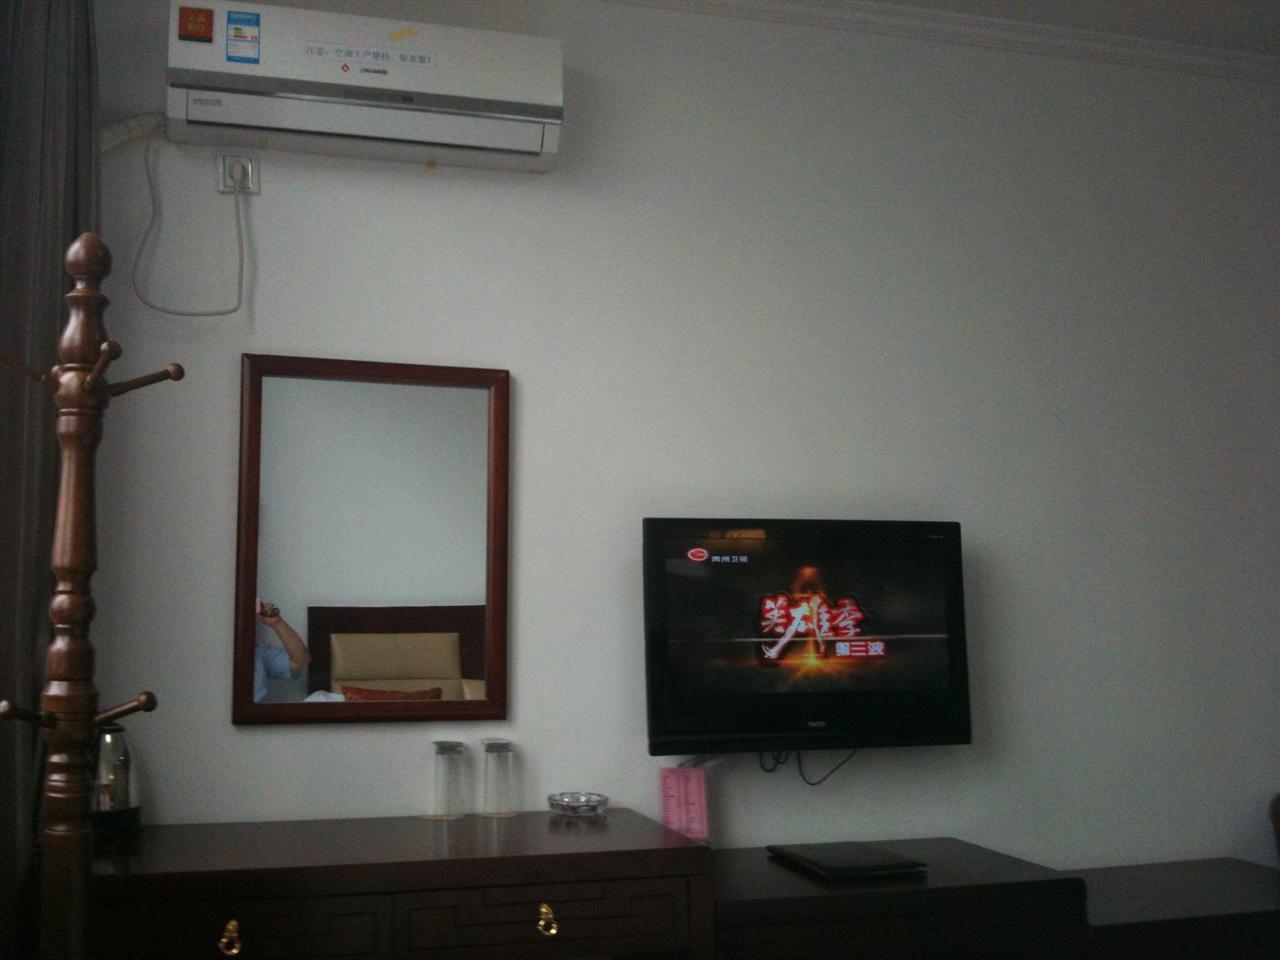 空调,卫星电视,电信网络